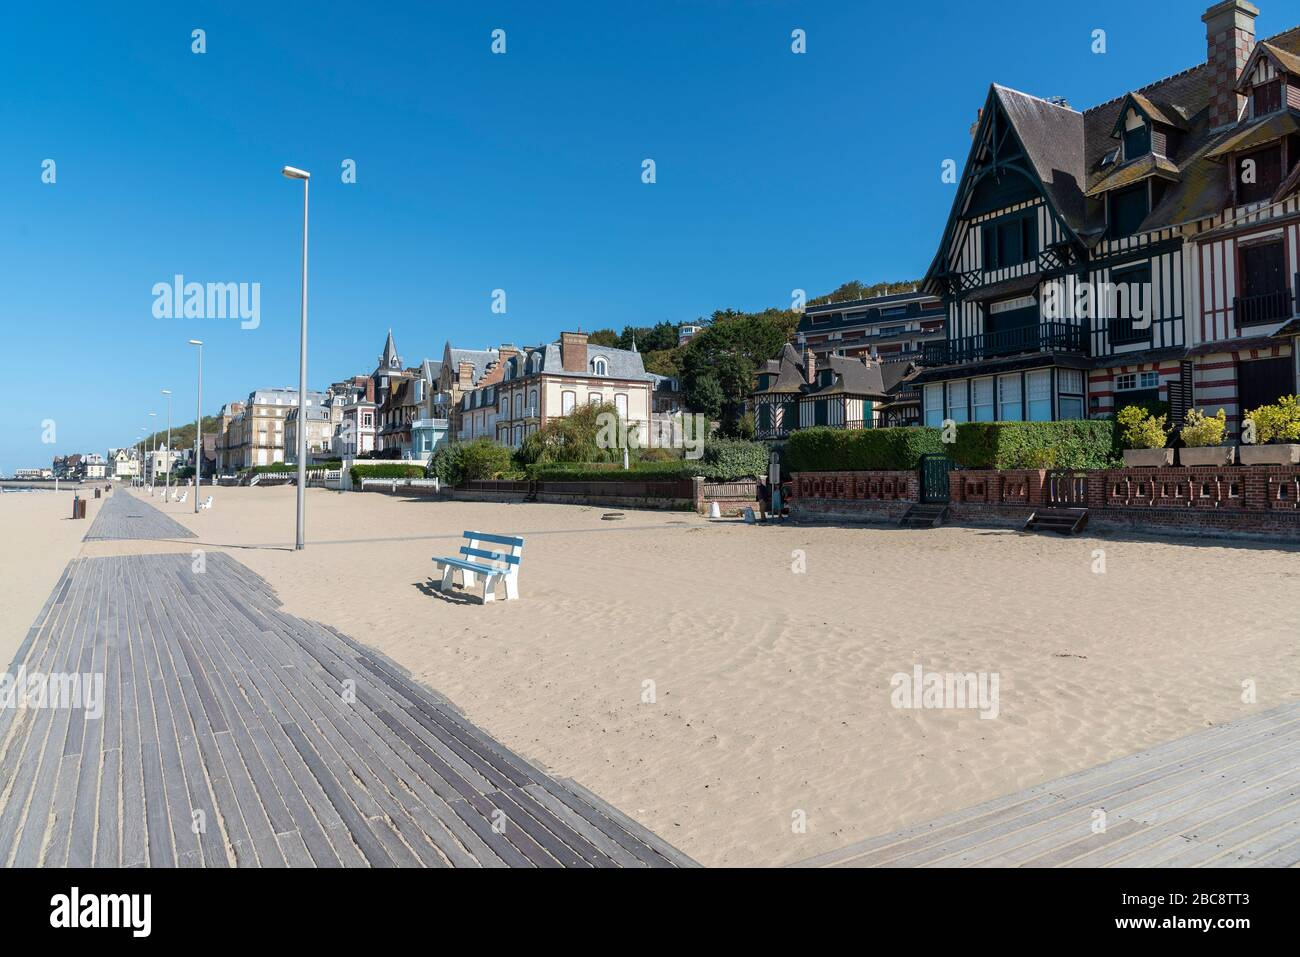 Promenade Am Strand Von Trouville Sur Mer Normandie Frankreich Stock Photo Alamy